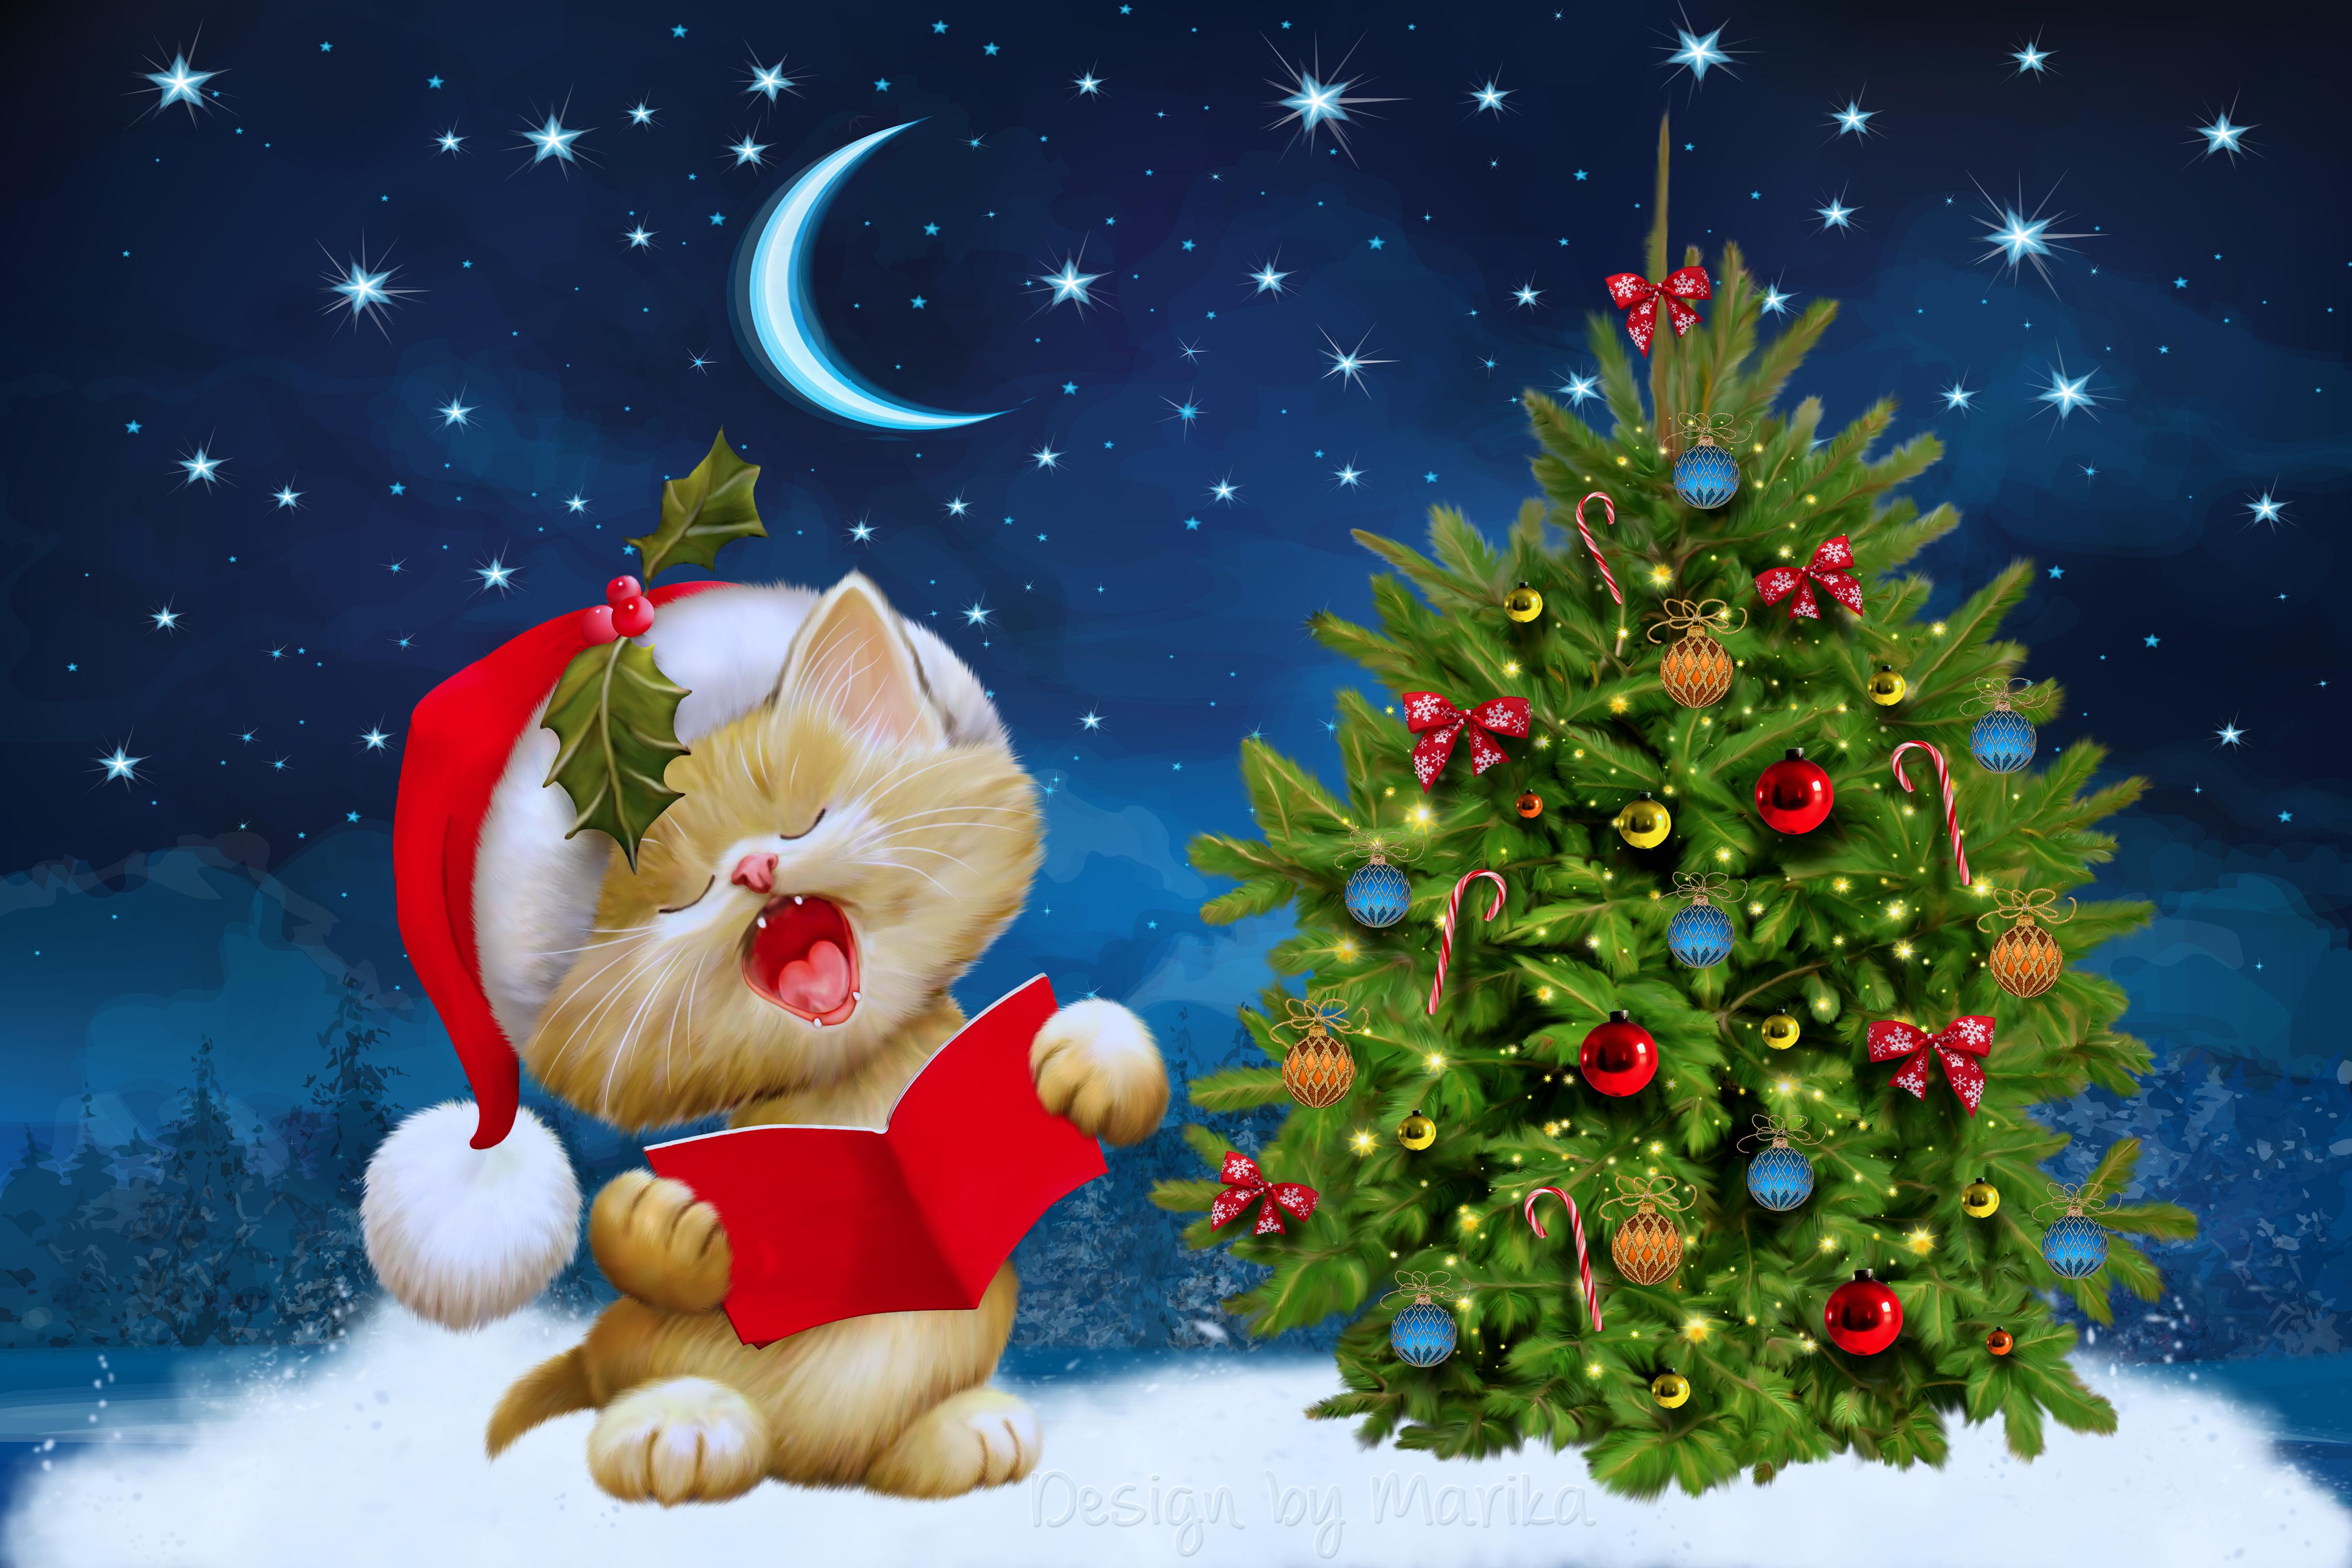 148141 Salvapantallas y fondos de pantalla Año Nuevo en tu teléfono. Descarga imágenes de Vacaciones, Año Nuevo, Navidad, Gato, Tarjeta Postal gratis